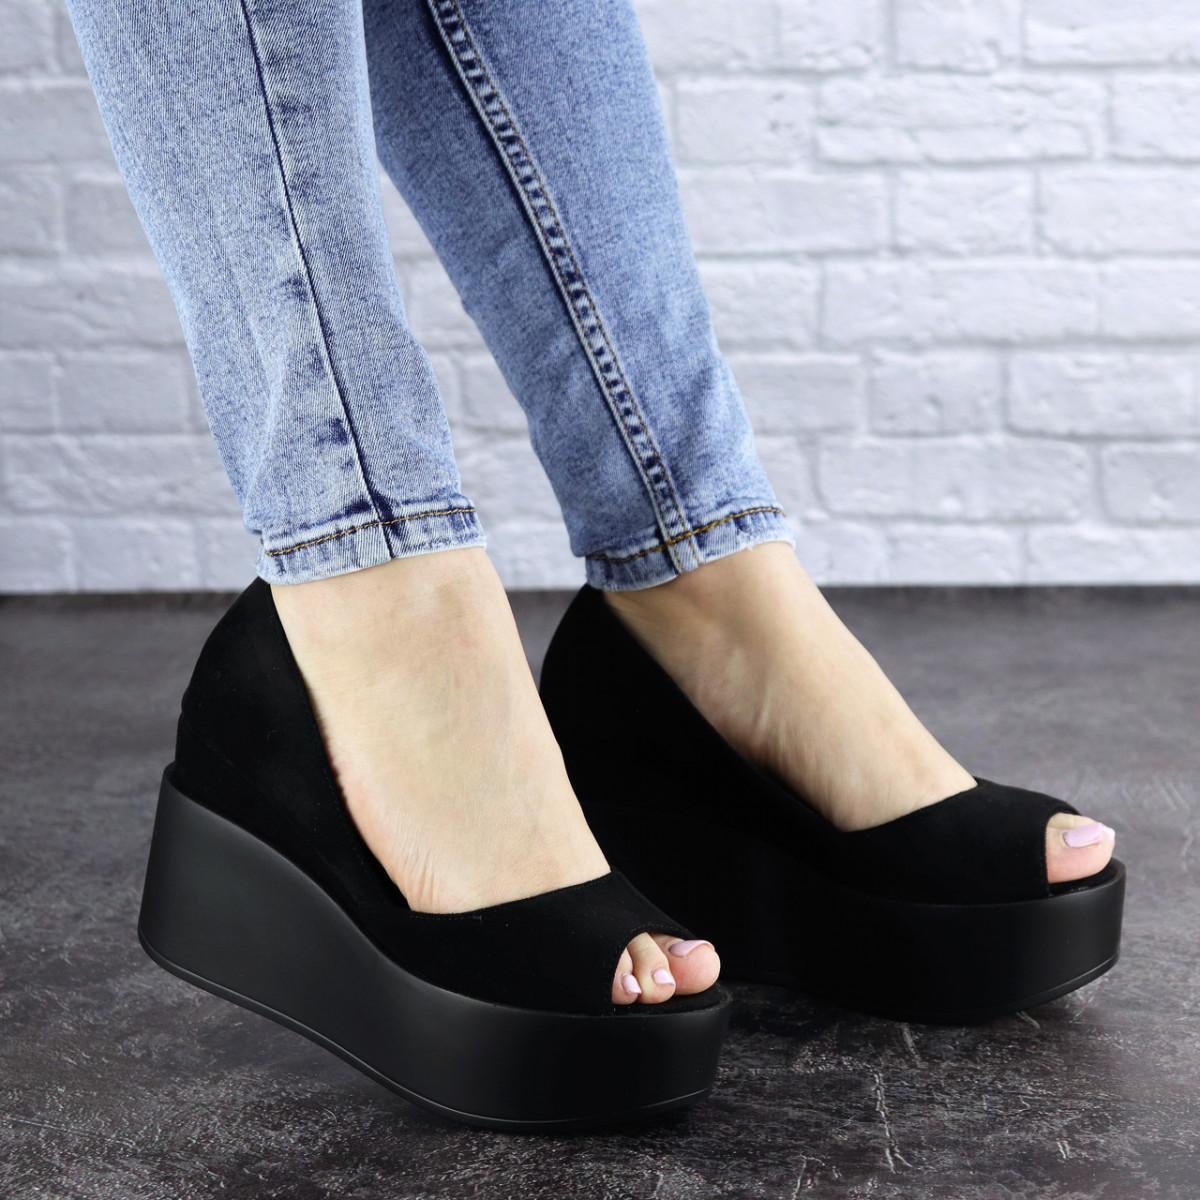 Женские туфли черные Ellsie 1940 (39 размер)